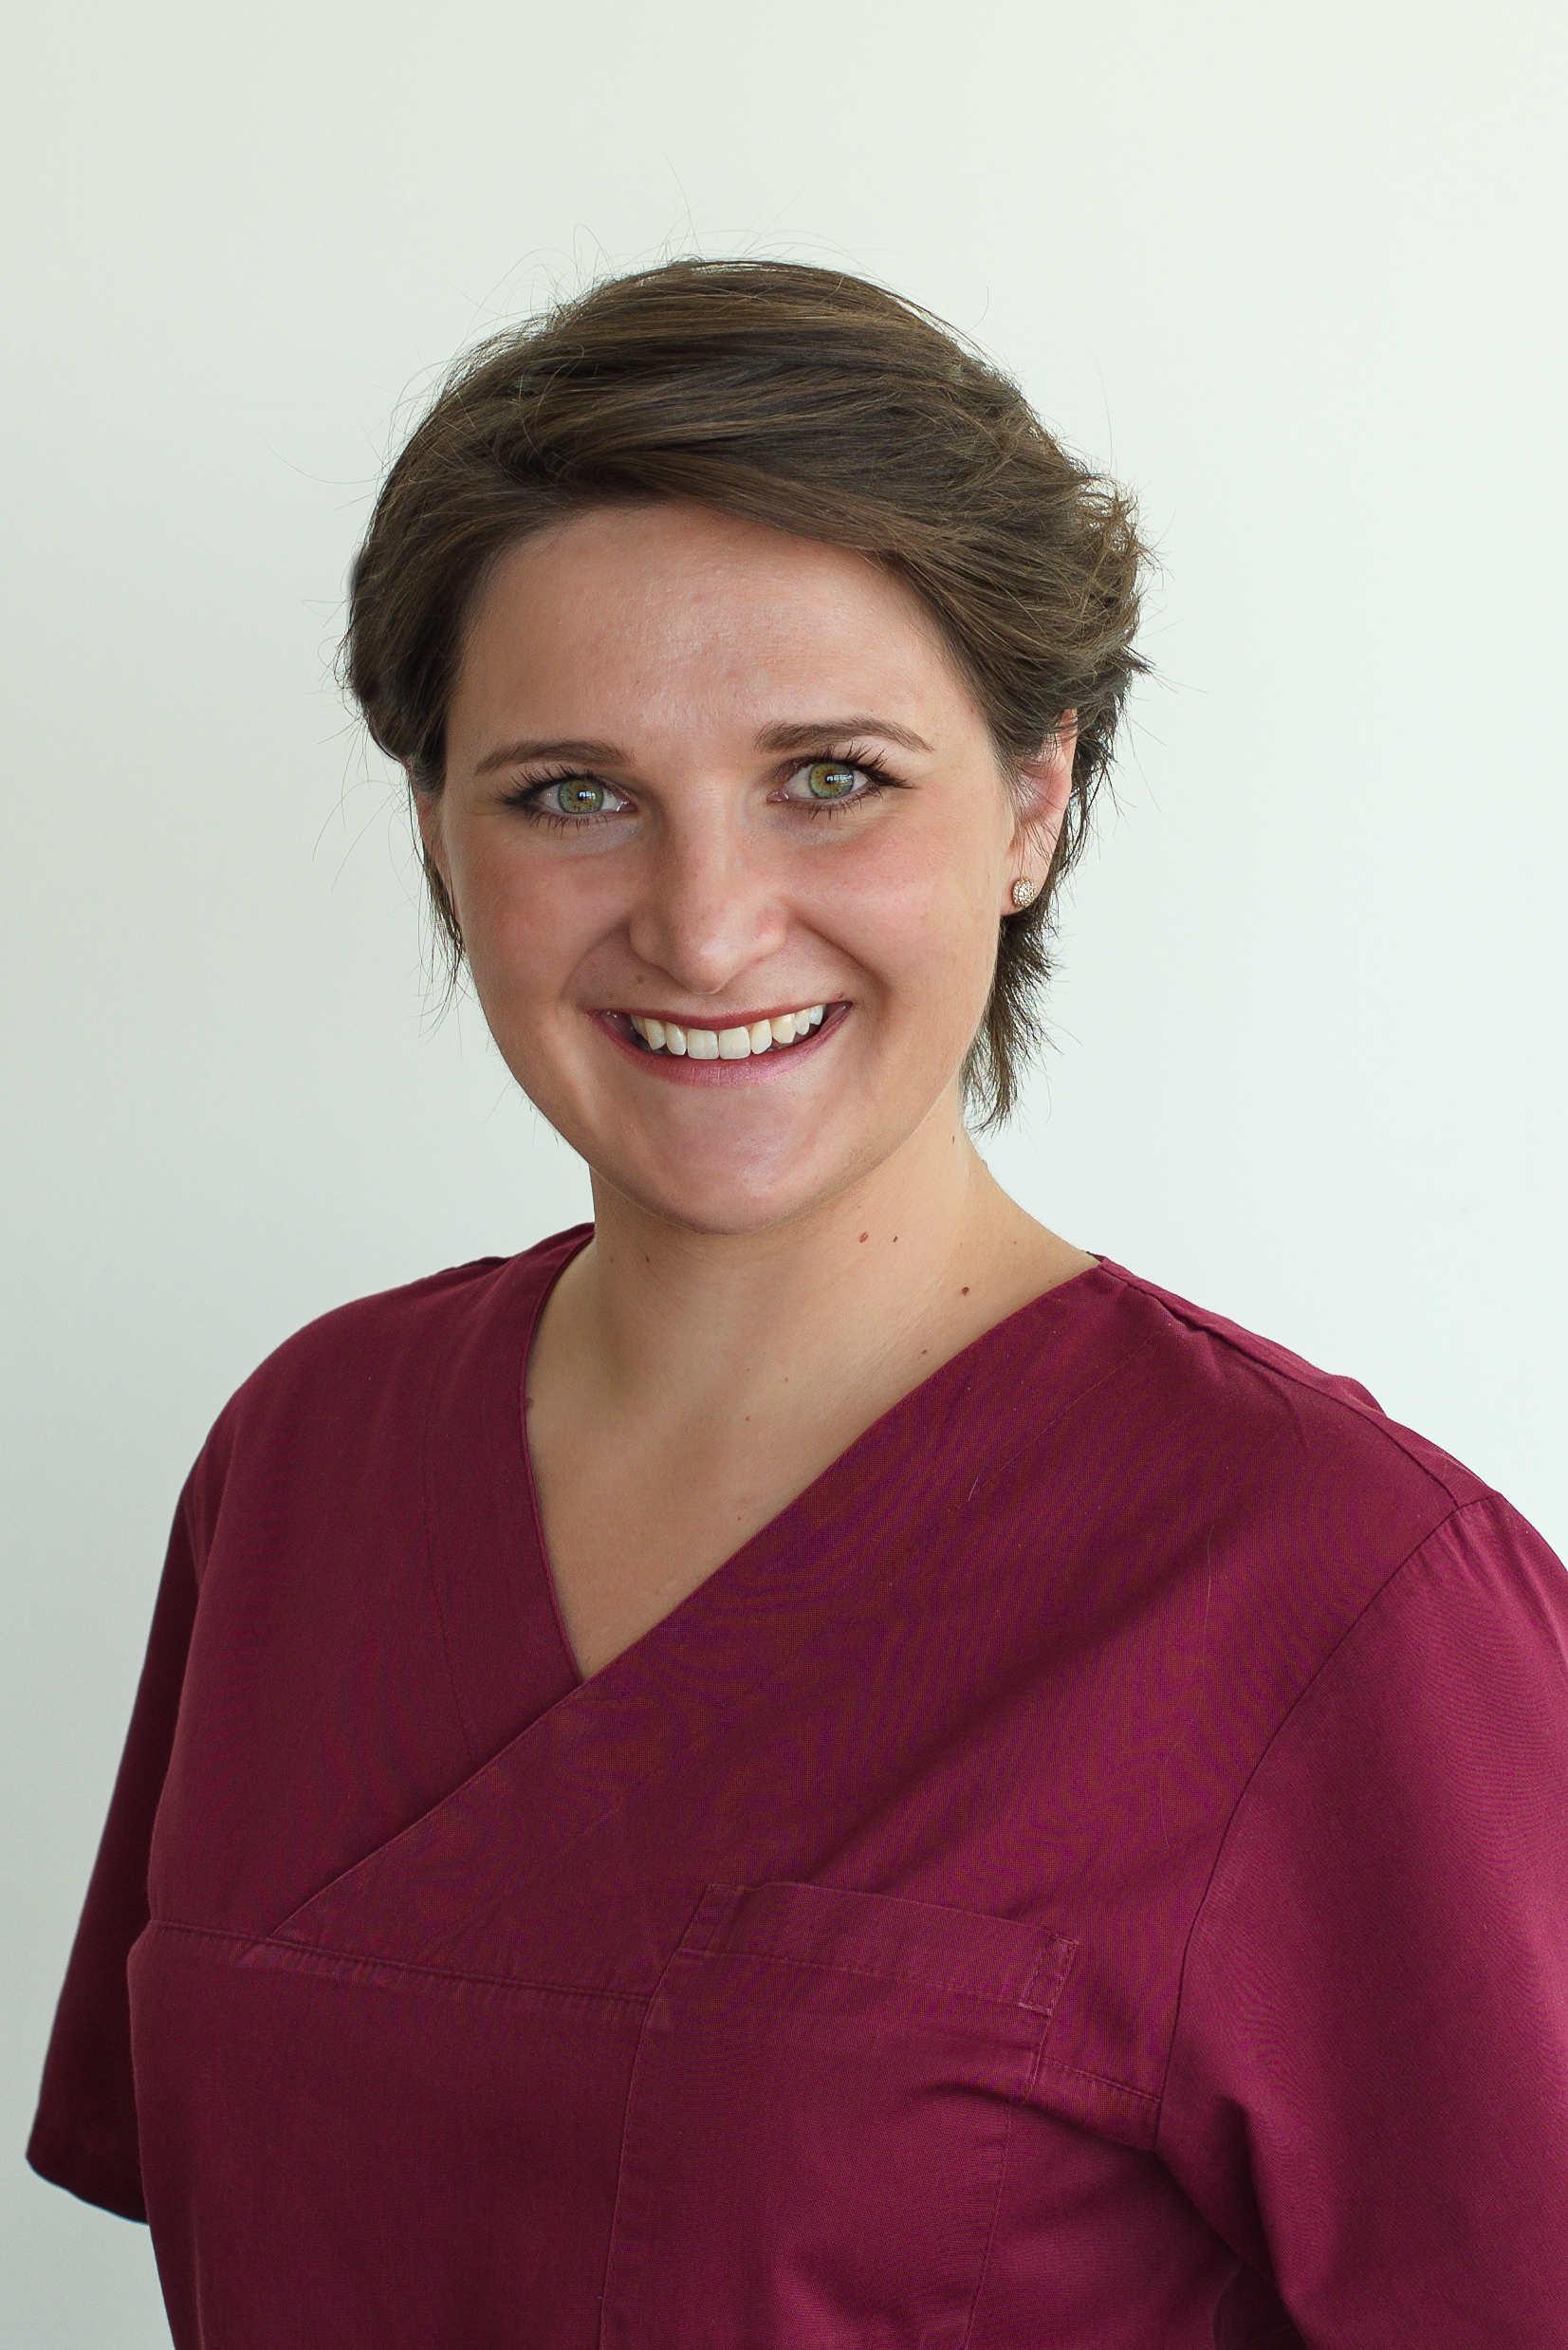 Zahnärztin Theresa Schneider